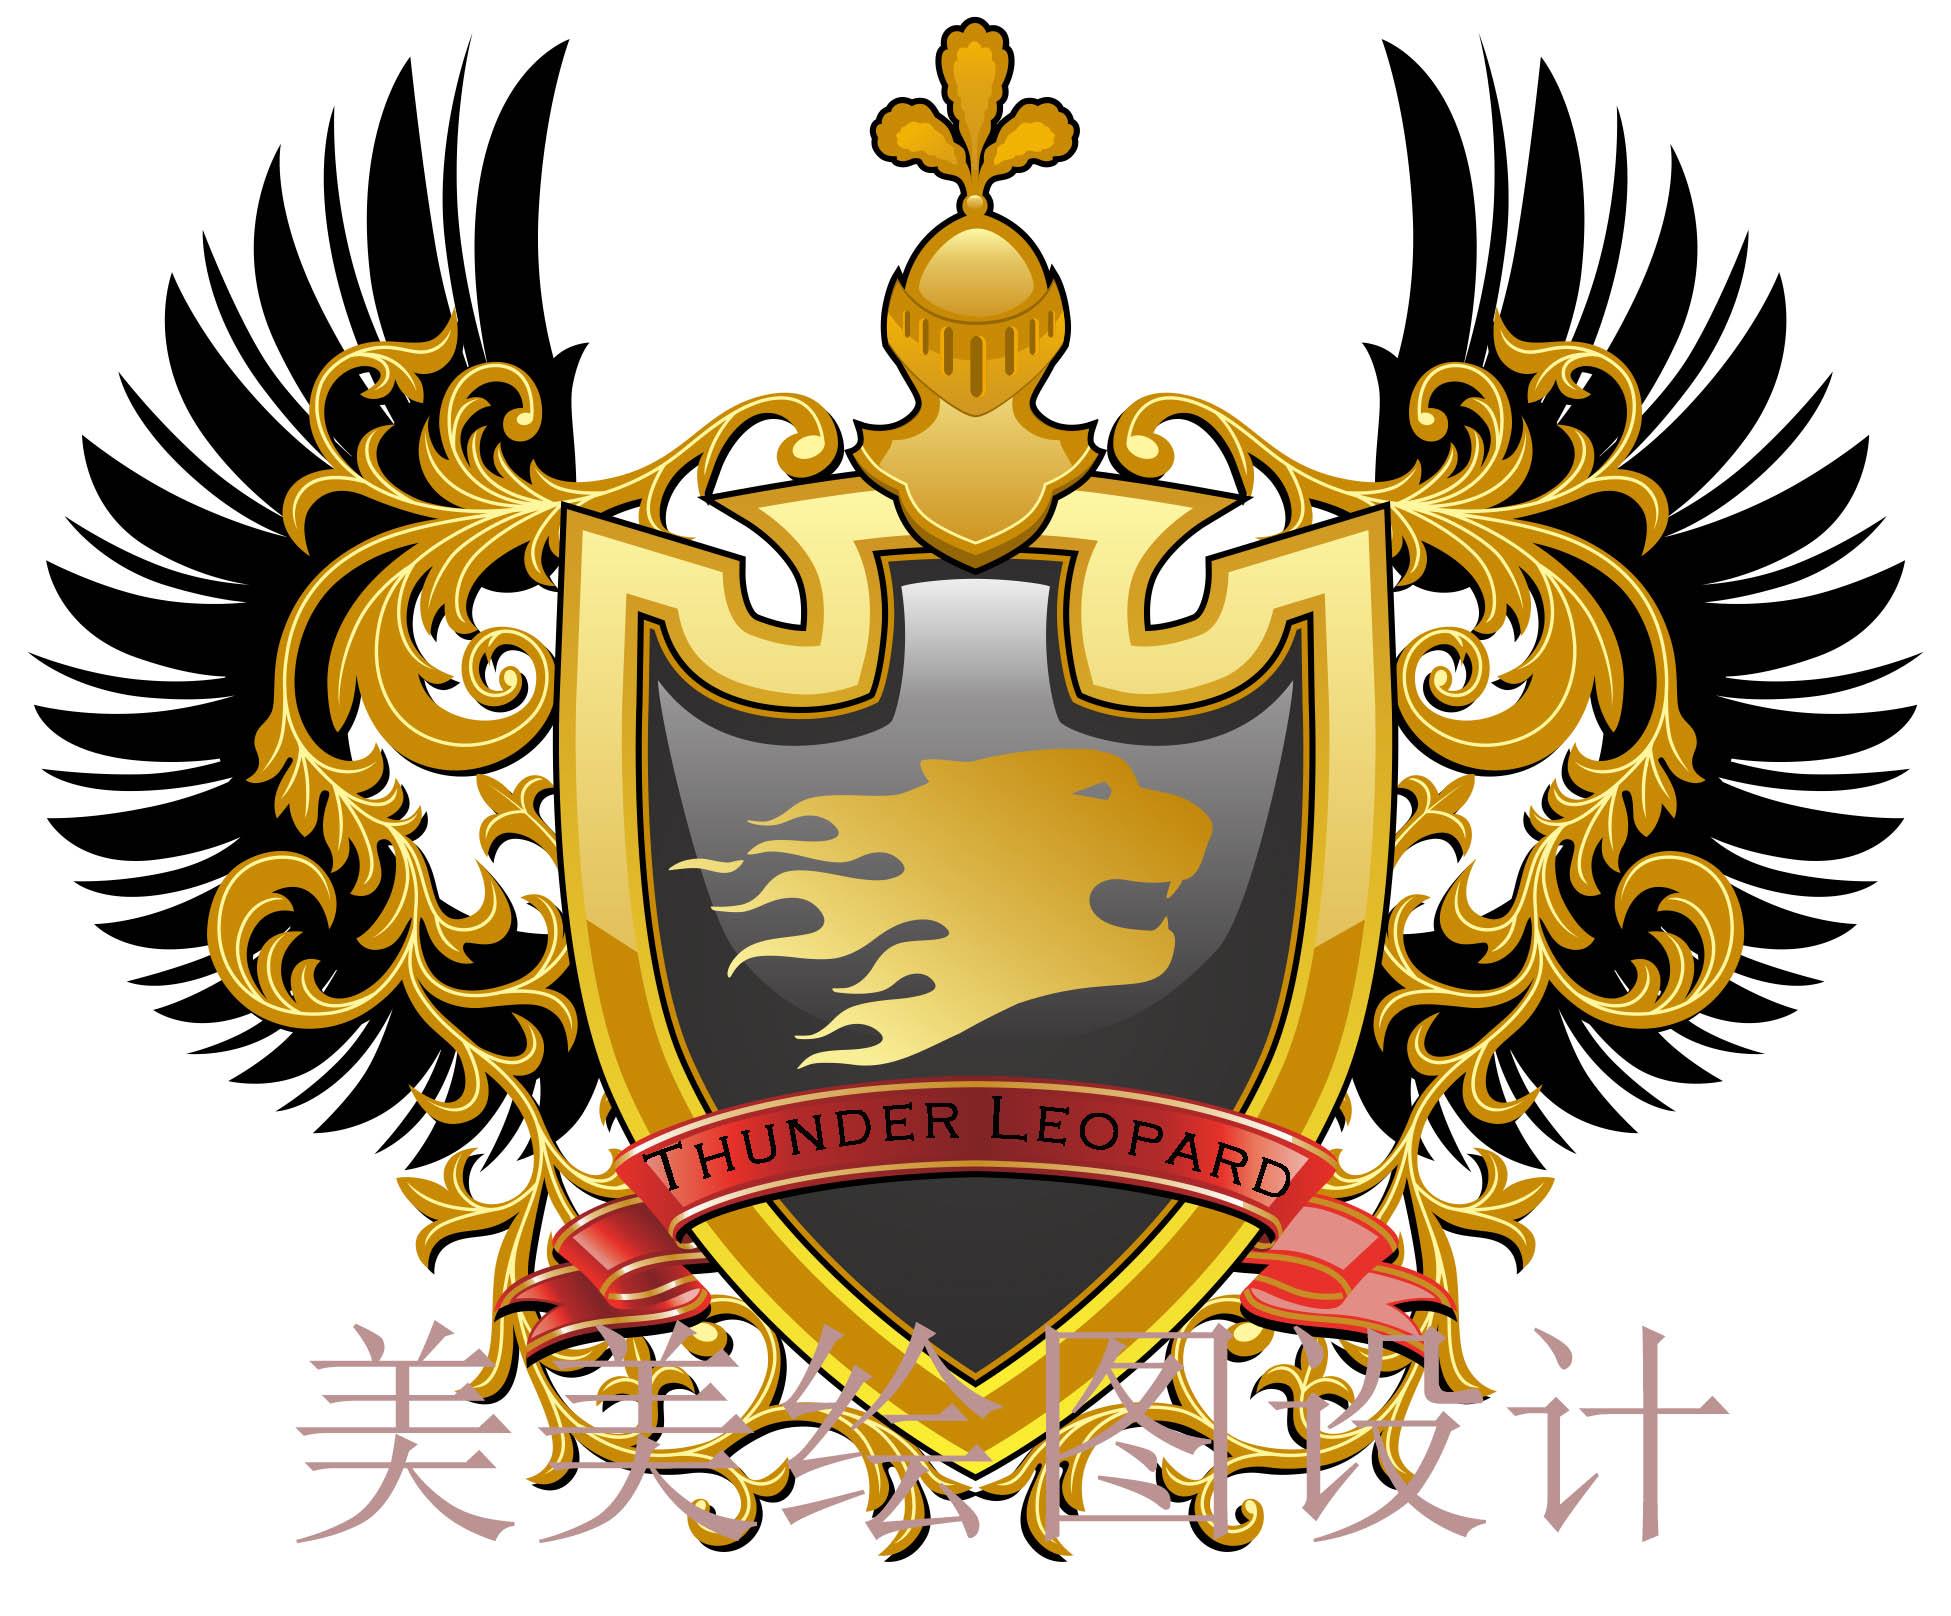 游戏俱乐部徽章设计